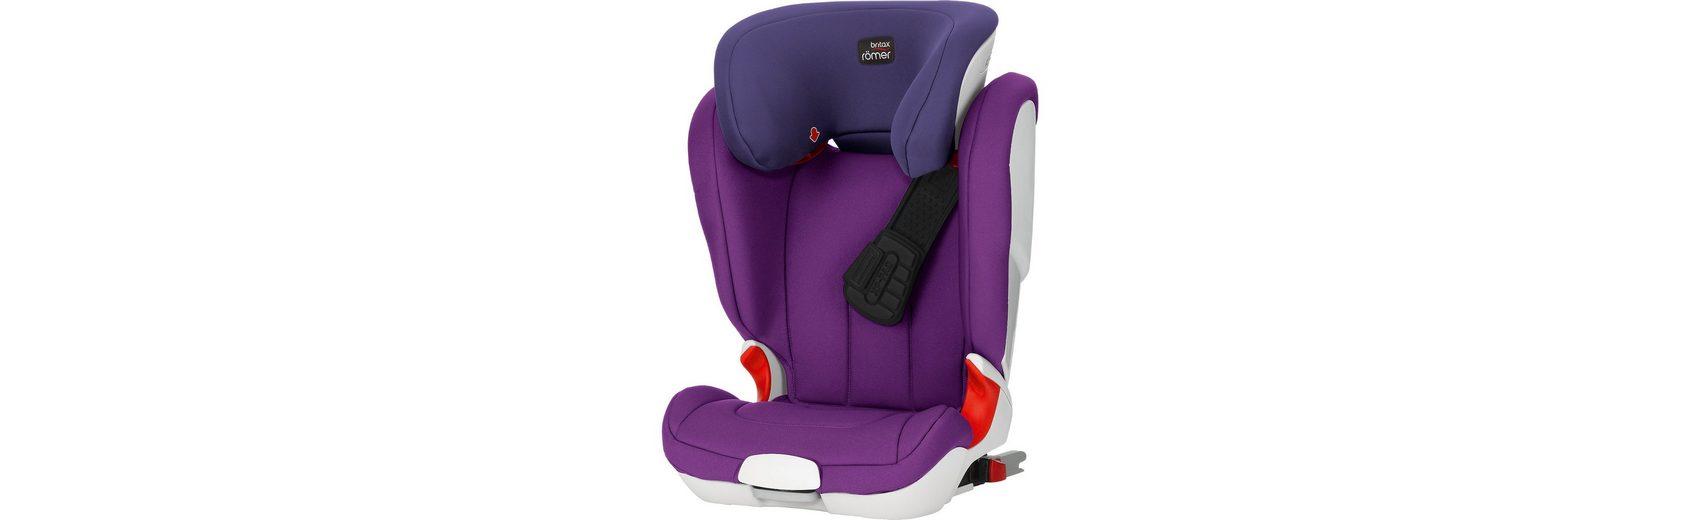 Britax Römer Auto-Kindersitz Kidfix XP, Mineral Purple, 2016